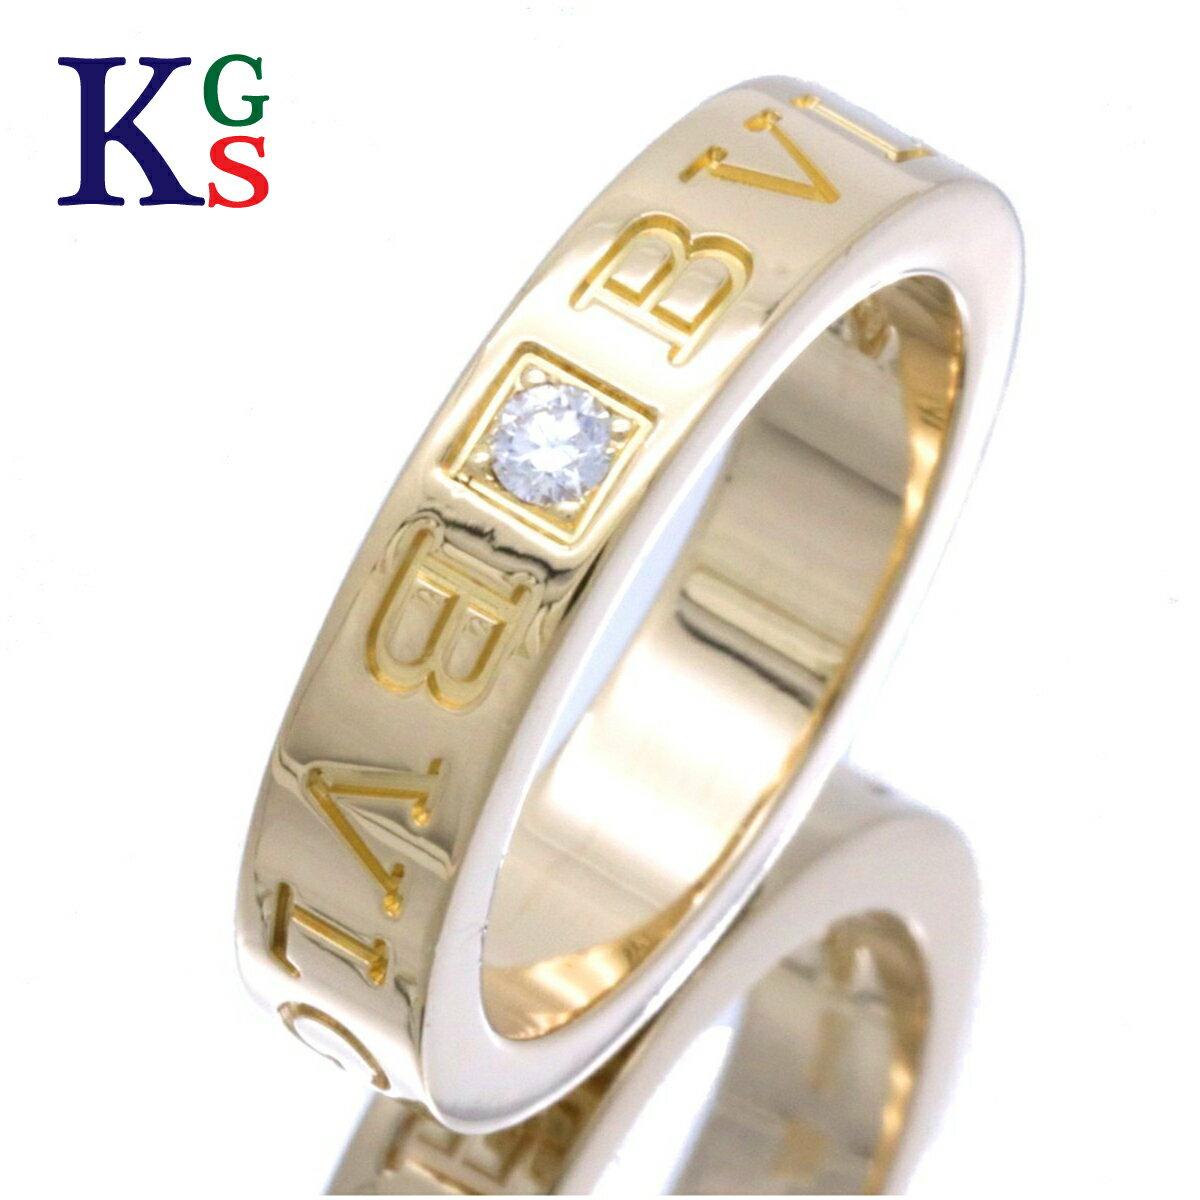 【新古品】ブルガリ/BVLGARI ブルガリブルガリ リング/指輪 レディース メンズ 1Pダイヤモンド イエローゴールド K18YG【中古】